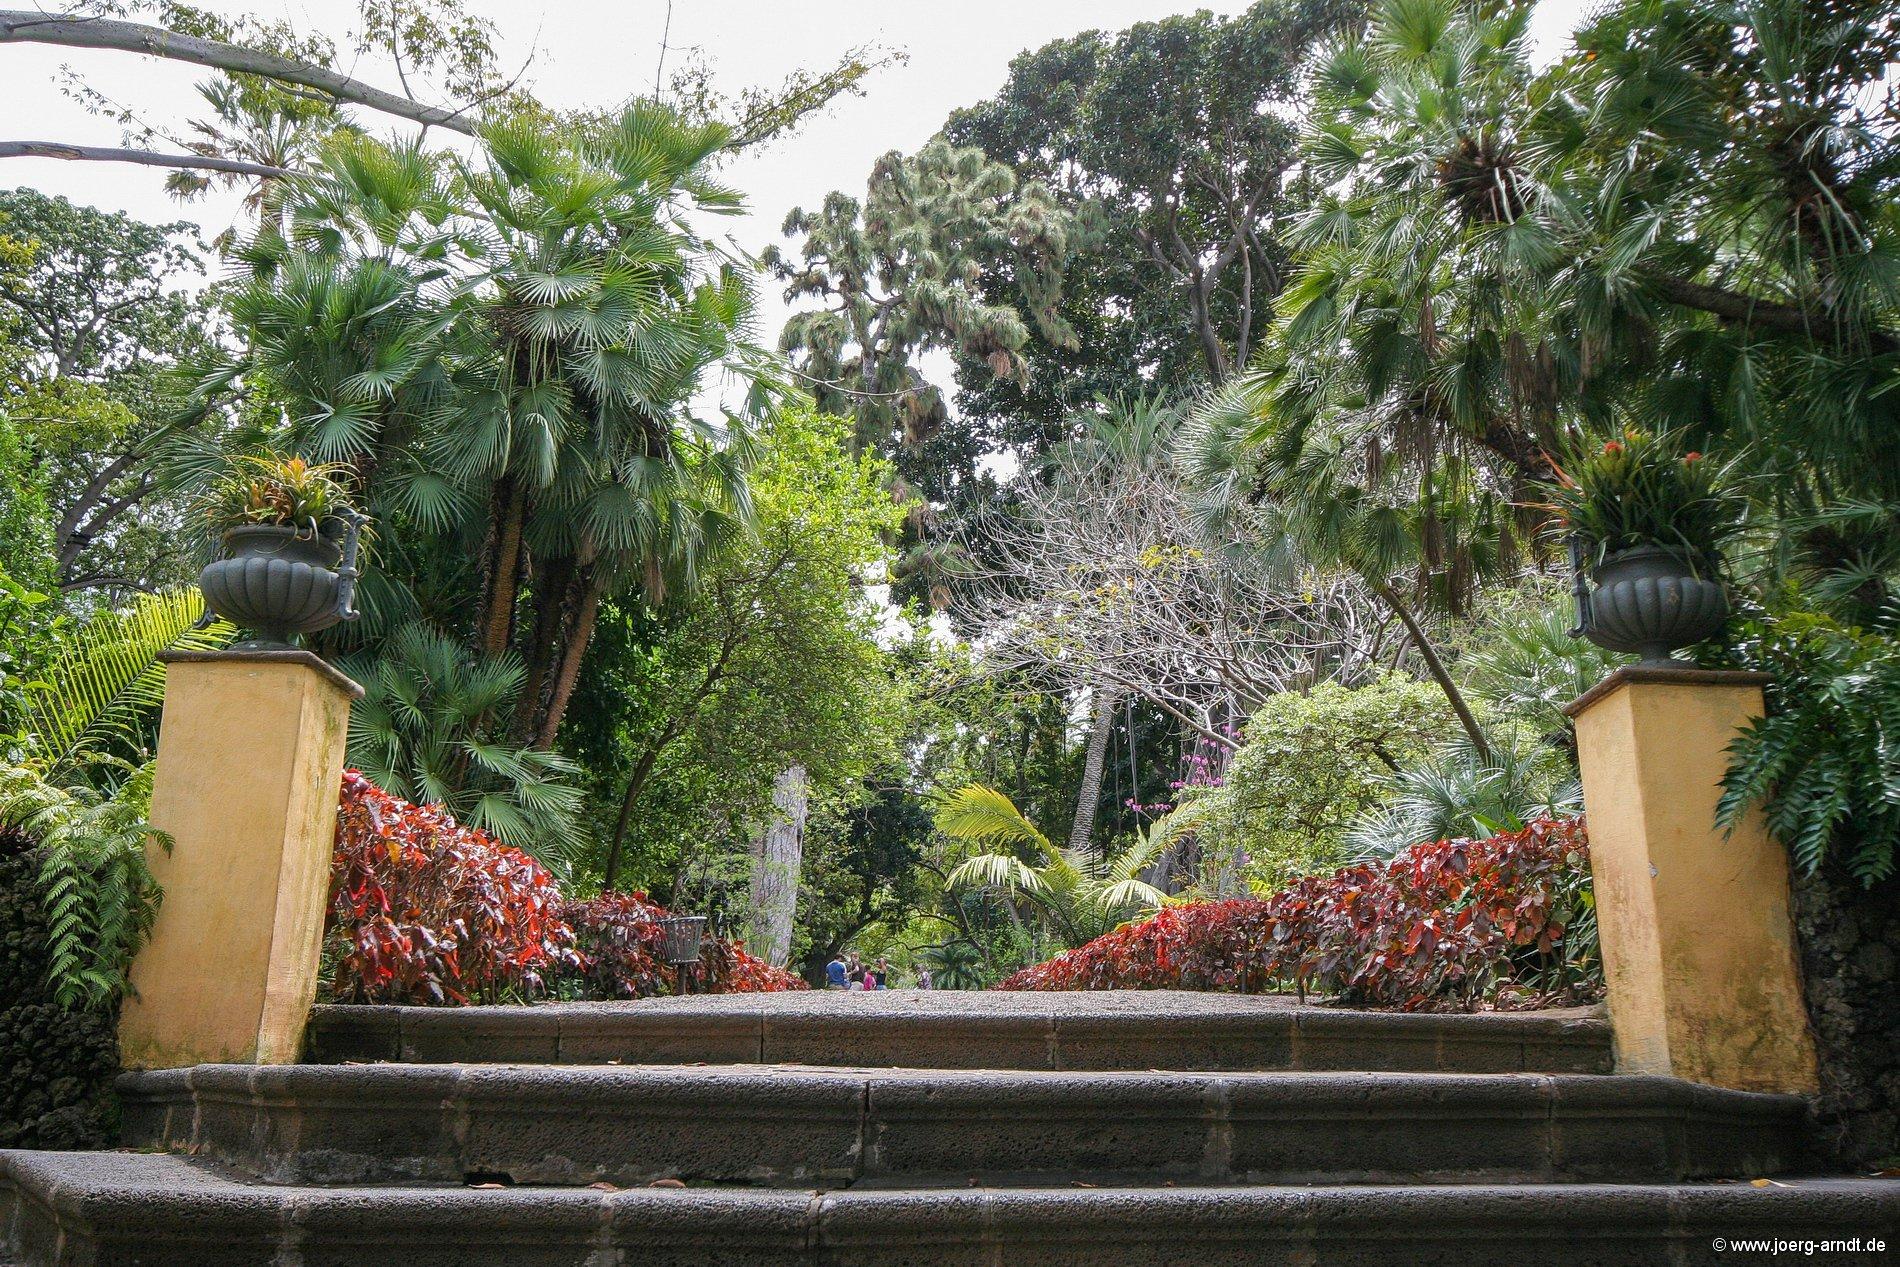 der botanische garten von puerto de la cruz bilder und mehr. Black Bedroom Furniture Sets. Home Design Ideas